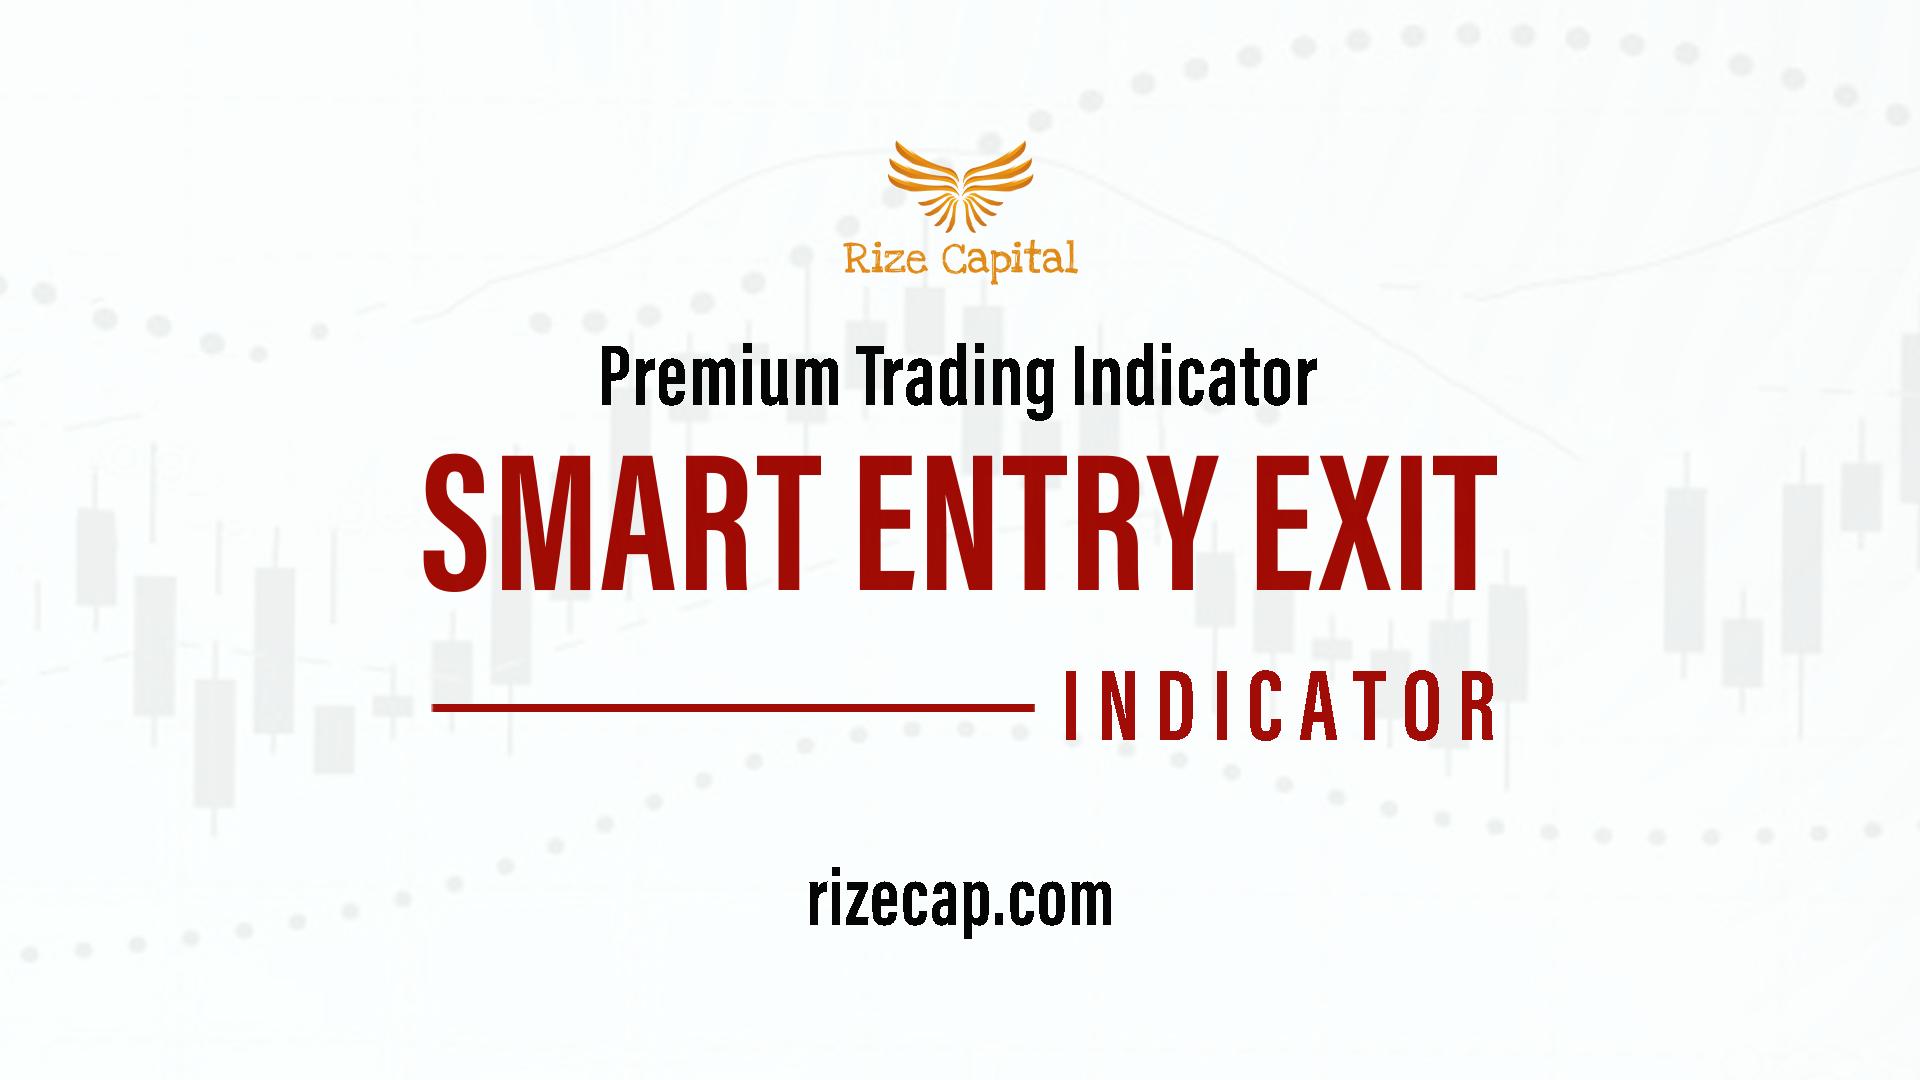 Smart Entry Exit Premium Indicator